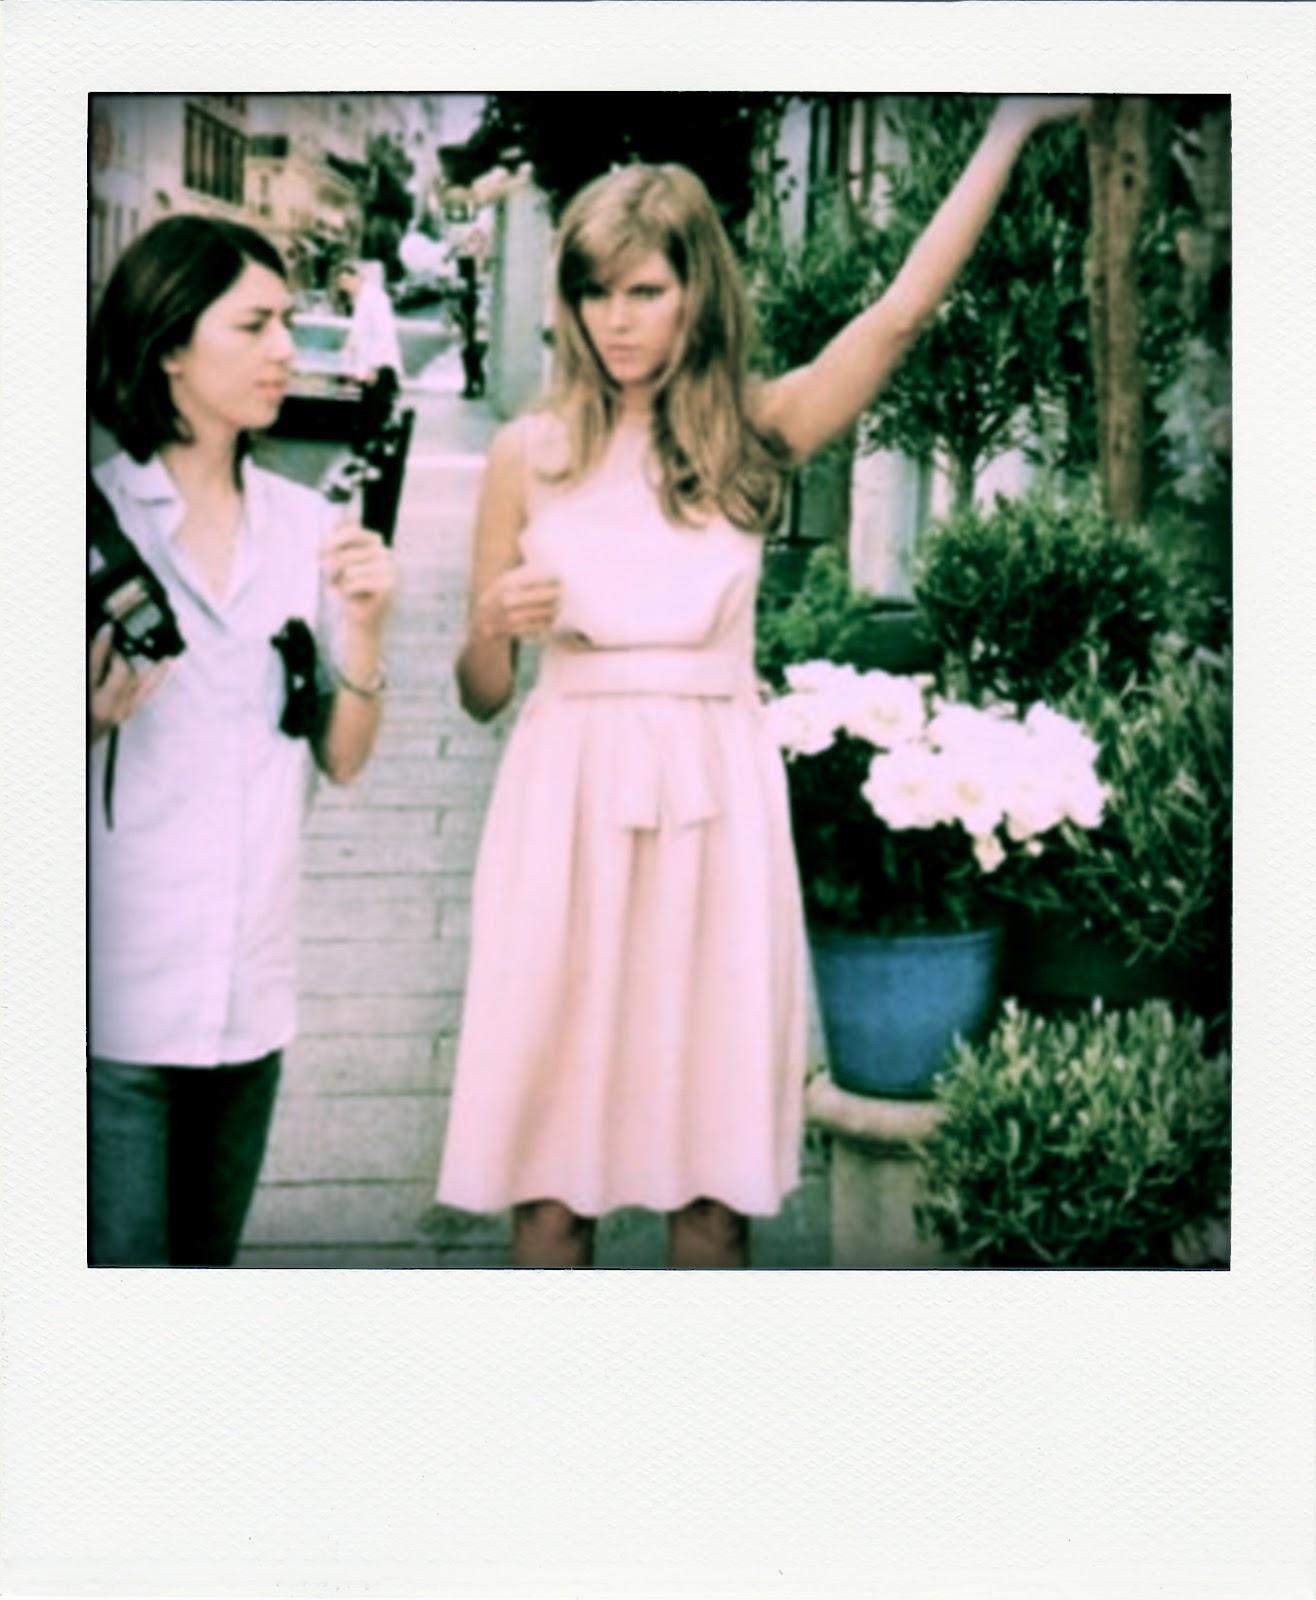 http://3.bp.blogspot.com/-Jm5YRMhRy_E/T3CaNkIvyII/AAAAAAAAAXE/spRFrFQhAp0/s1600/Miss+Dior+Cherie7.jpg-pola.jpg